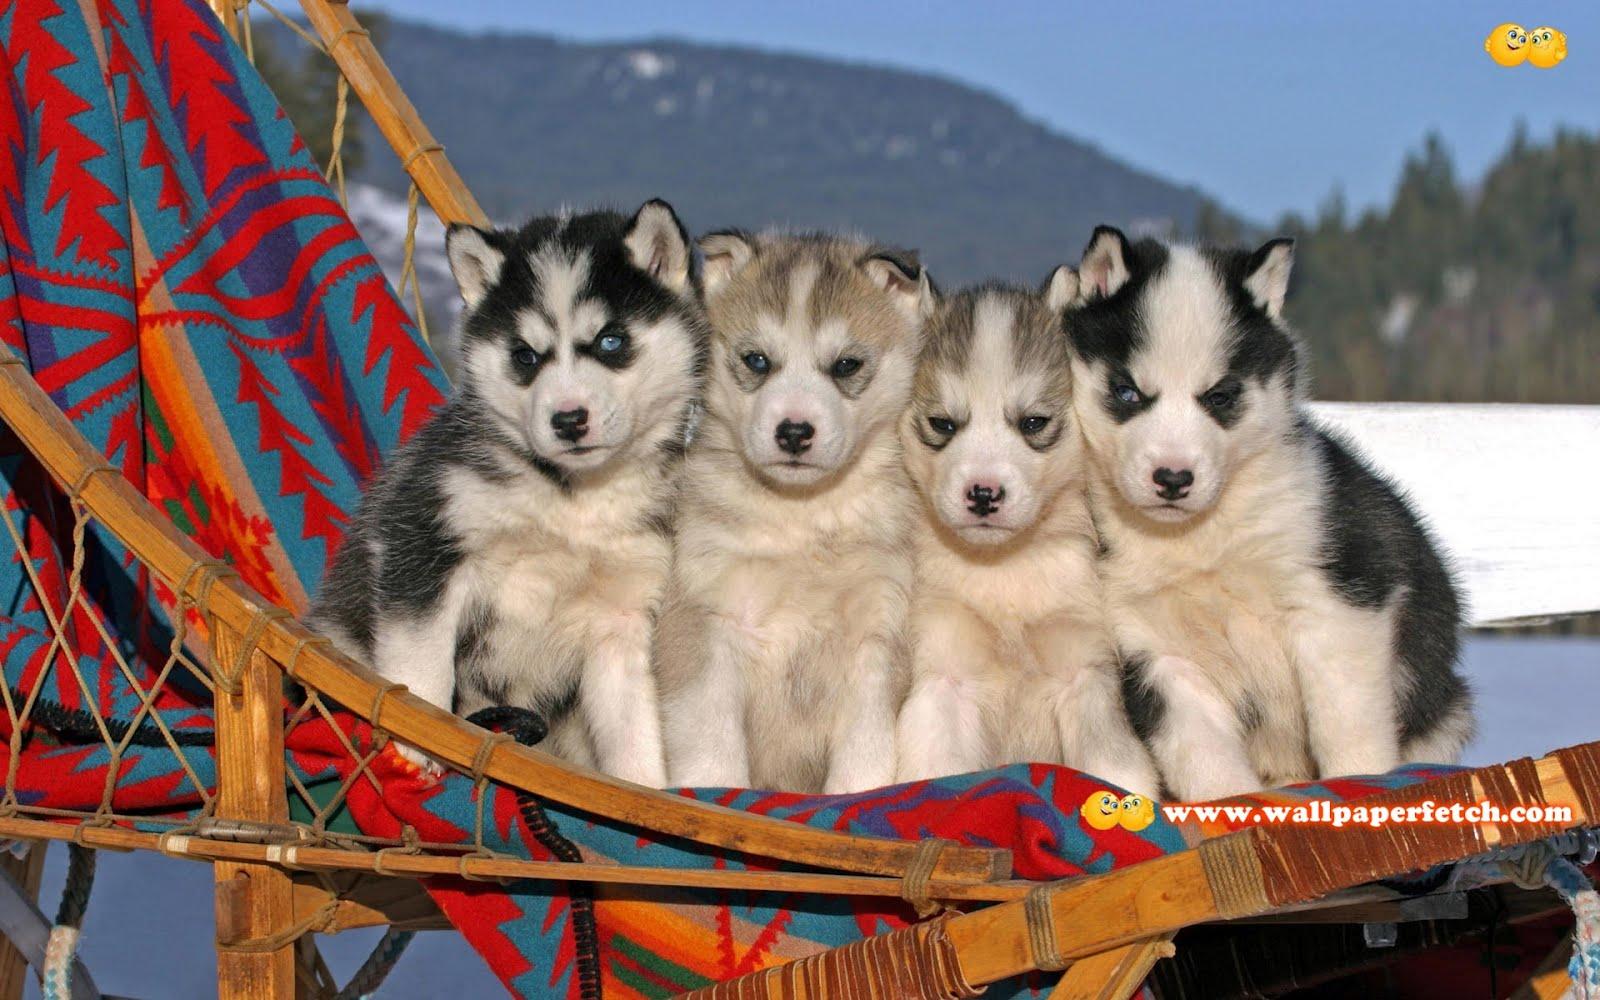 http://4.bp.blogspot.com/-9BiaHfPIRfk/T1oCq92Y1YI/AAAAAAAAA4Q/gqGsAbiGKac/s1600/husky-puppies-5072-1920x1200.jpg